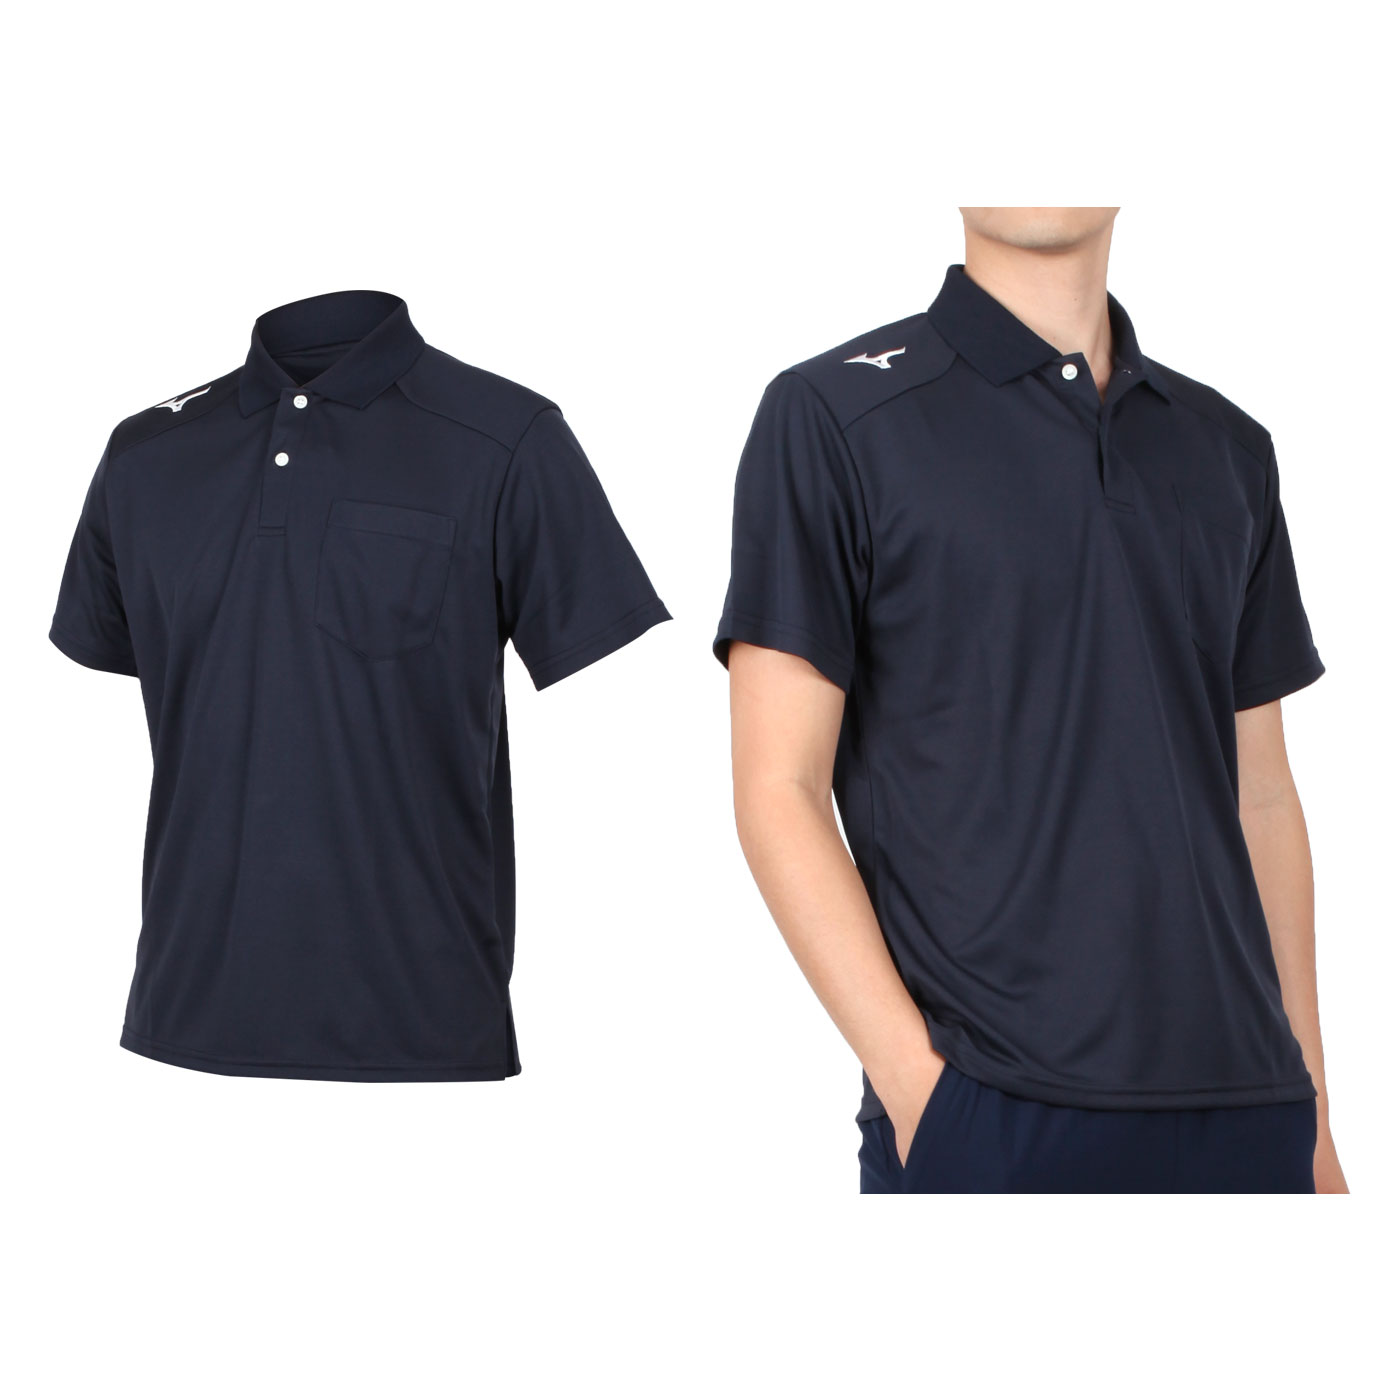 MIZUNO 男款短袖POLO衫 32TA002001 - 丈青白